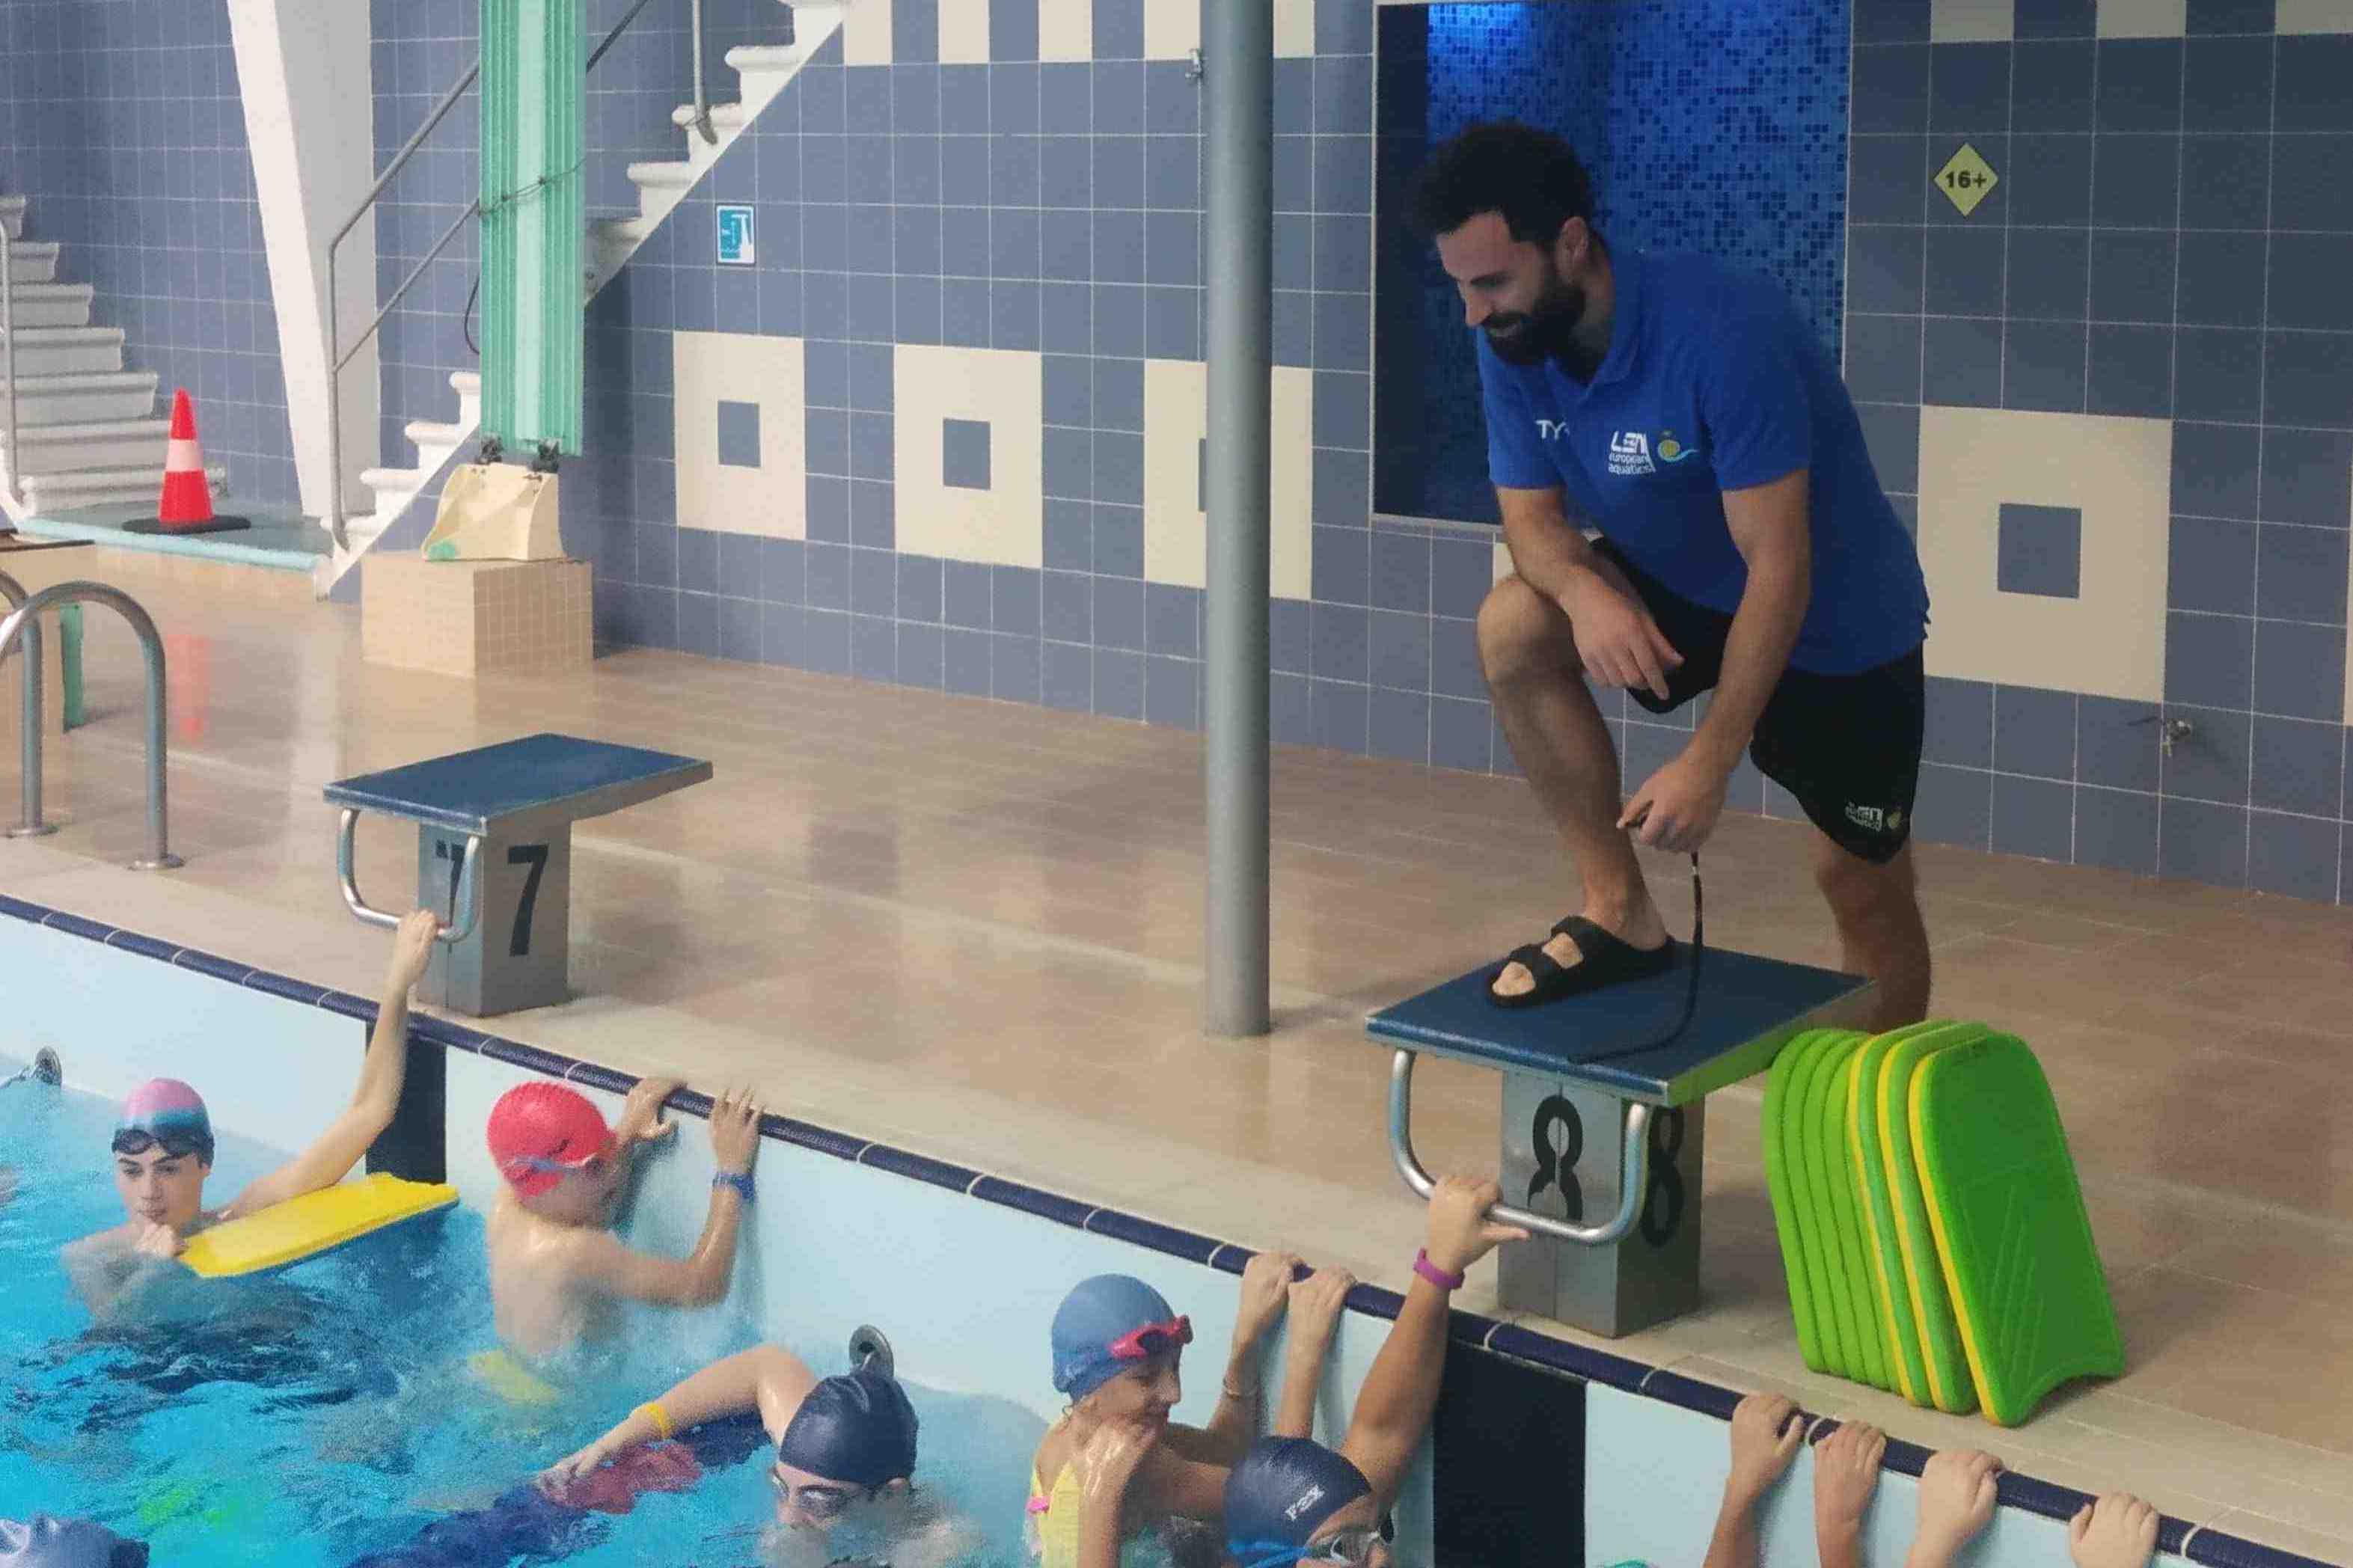 ყველაფერი, რაც მშობლებმა უნდა იცოდნენ, თუ ბავშვის ცურვაზე შეყვანას გეგმავენ - ინტერვიუ ცურვის ინსტრუქტორთან